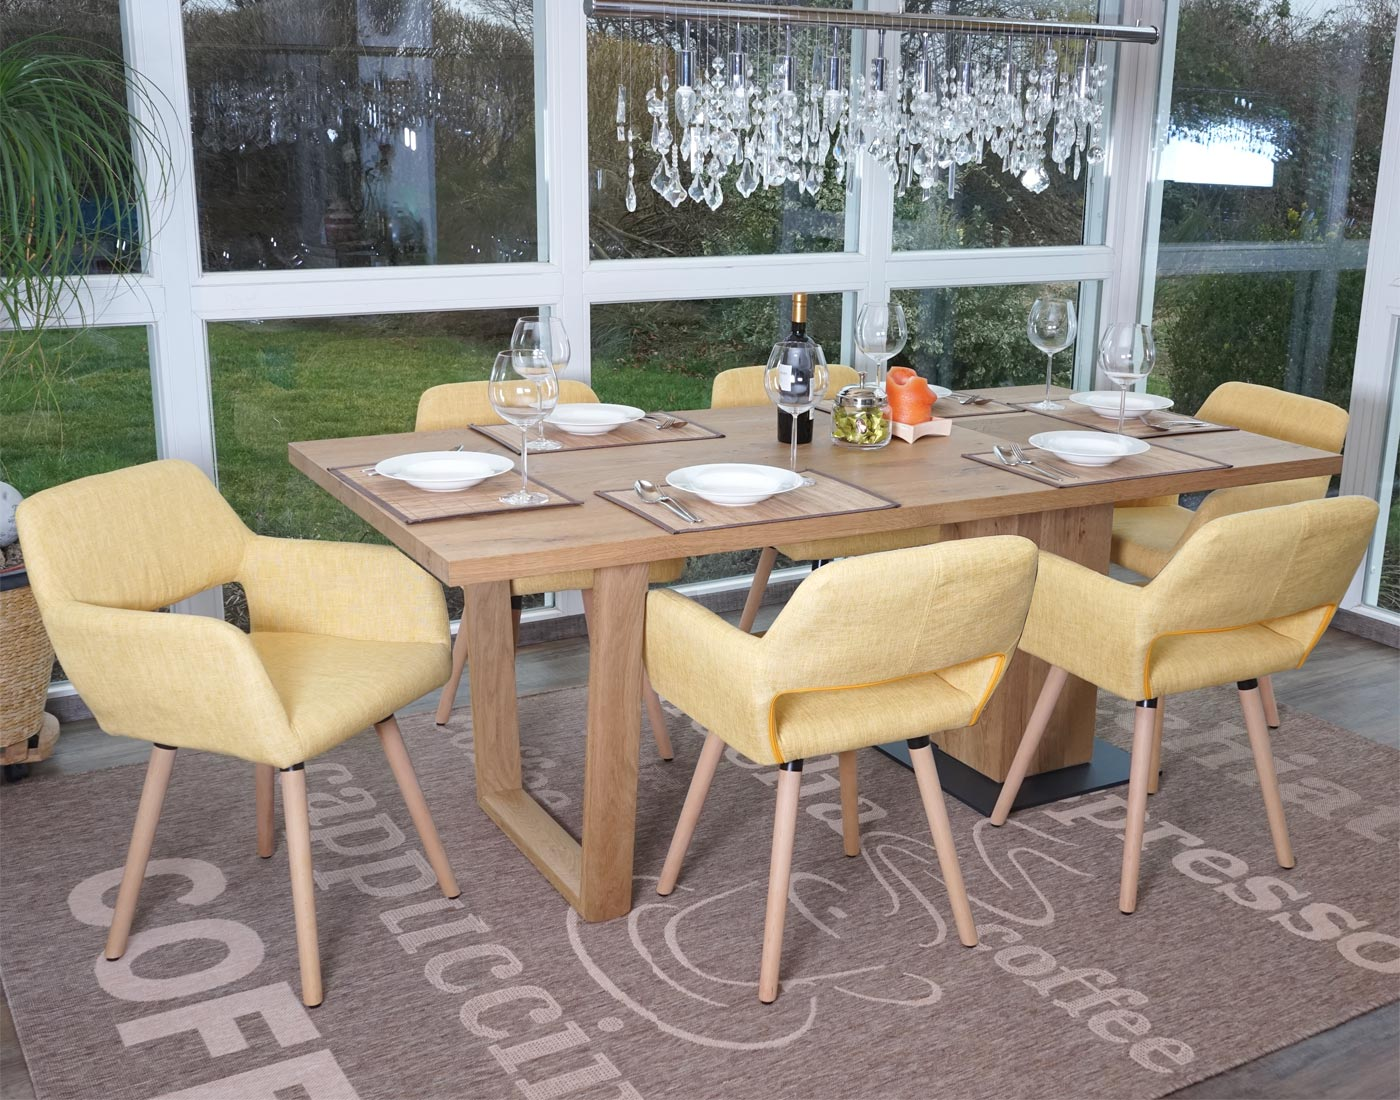 Set 6x sedie sala da pranzo hwc a50 ii design retro legno - Sedie sala da pranzo ...